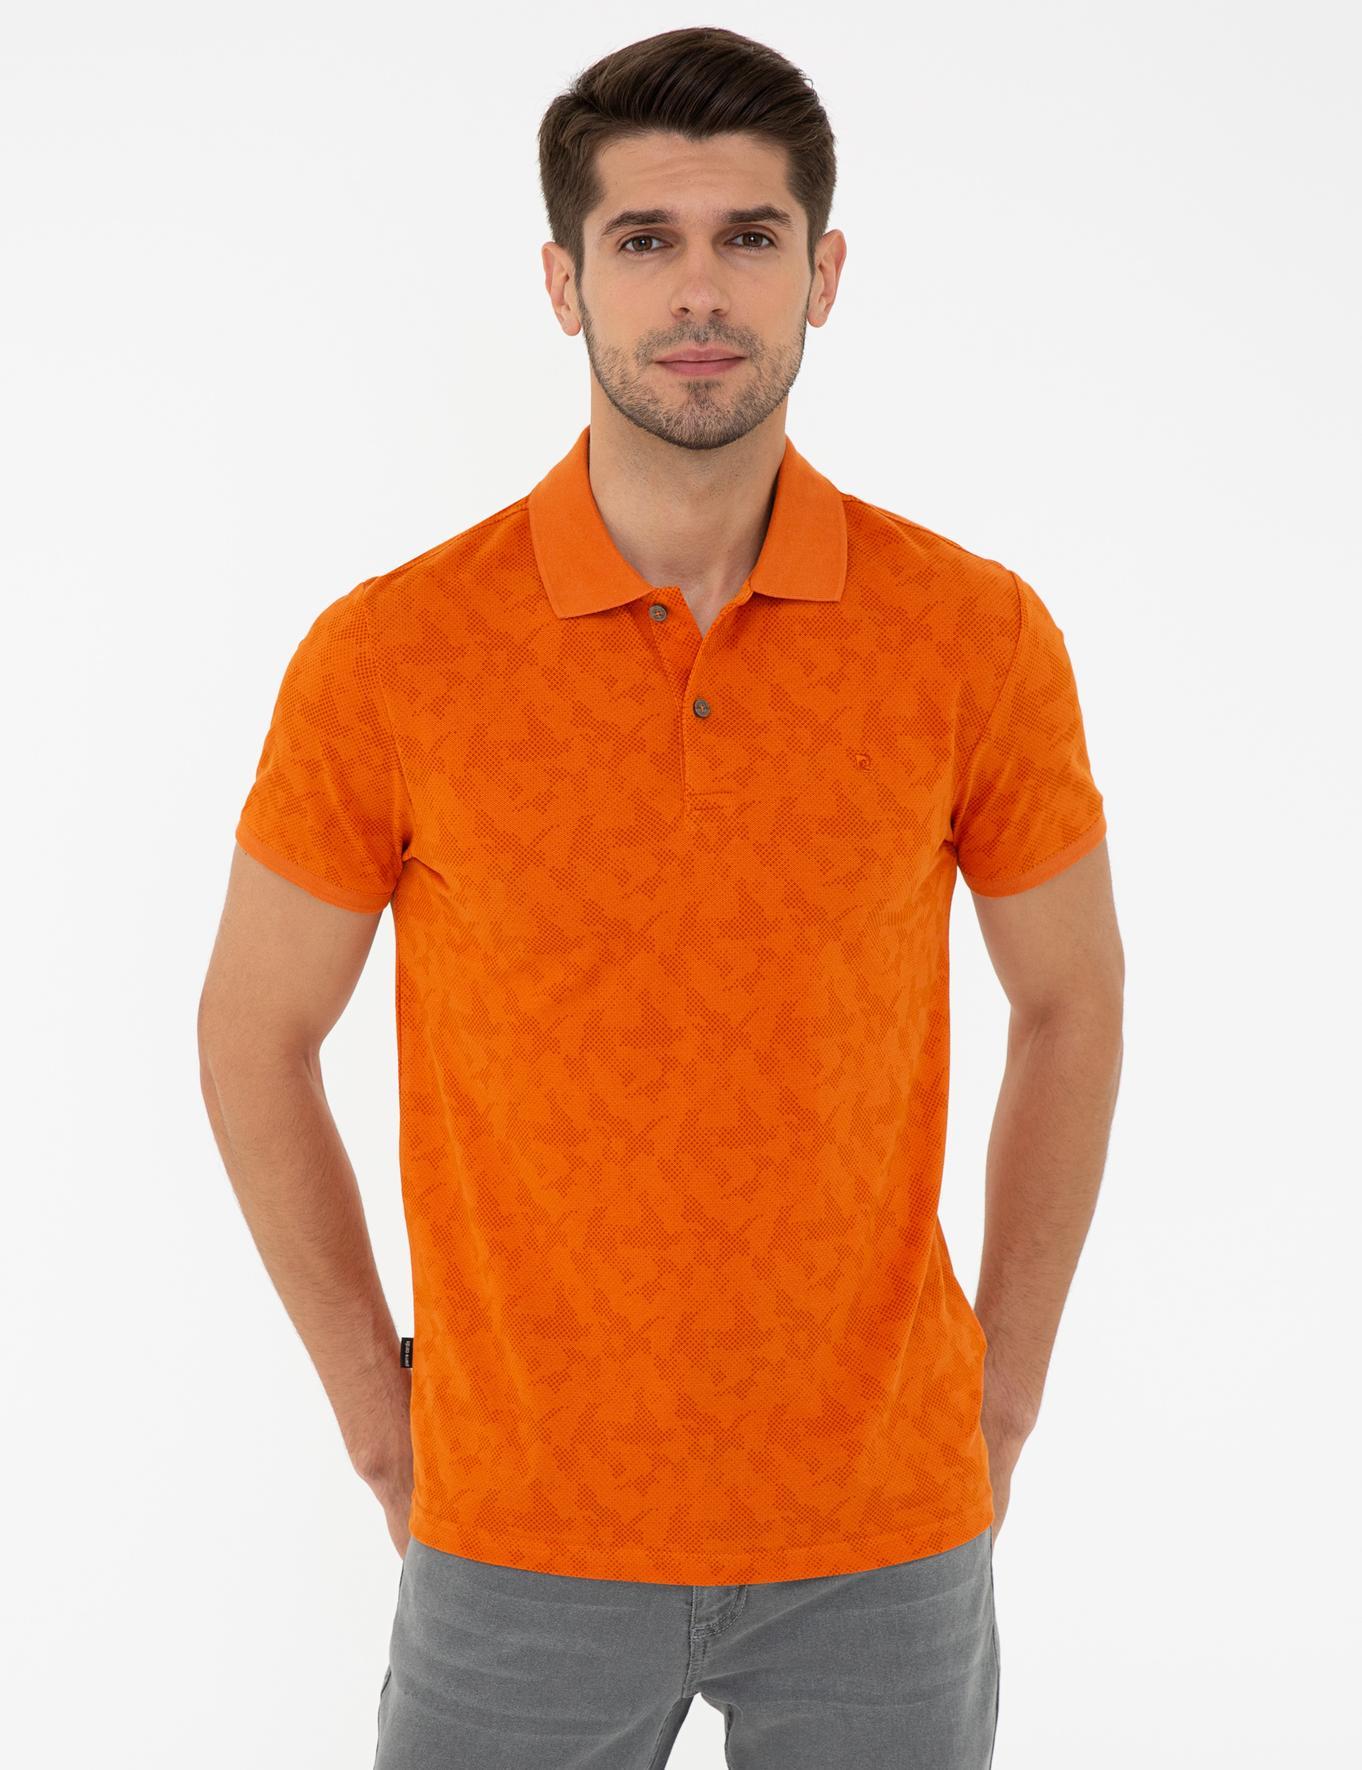 Turuncu Slim Fit Polo Yaka T-Shirt